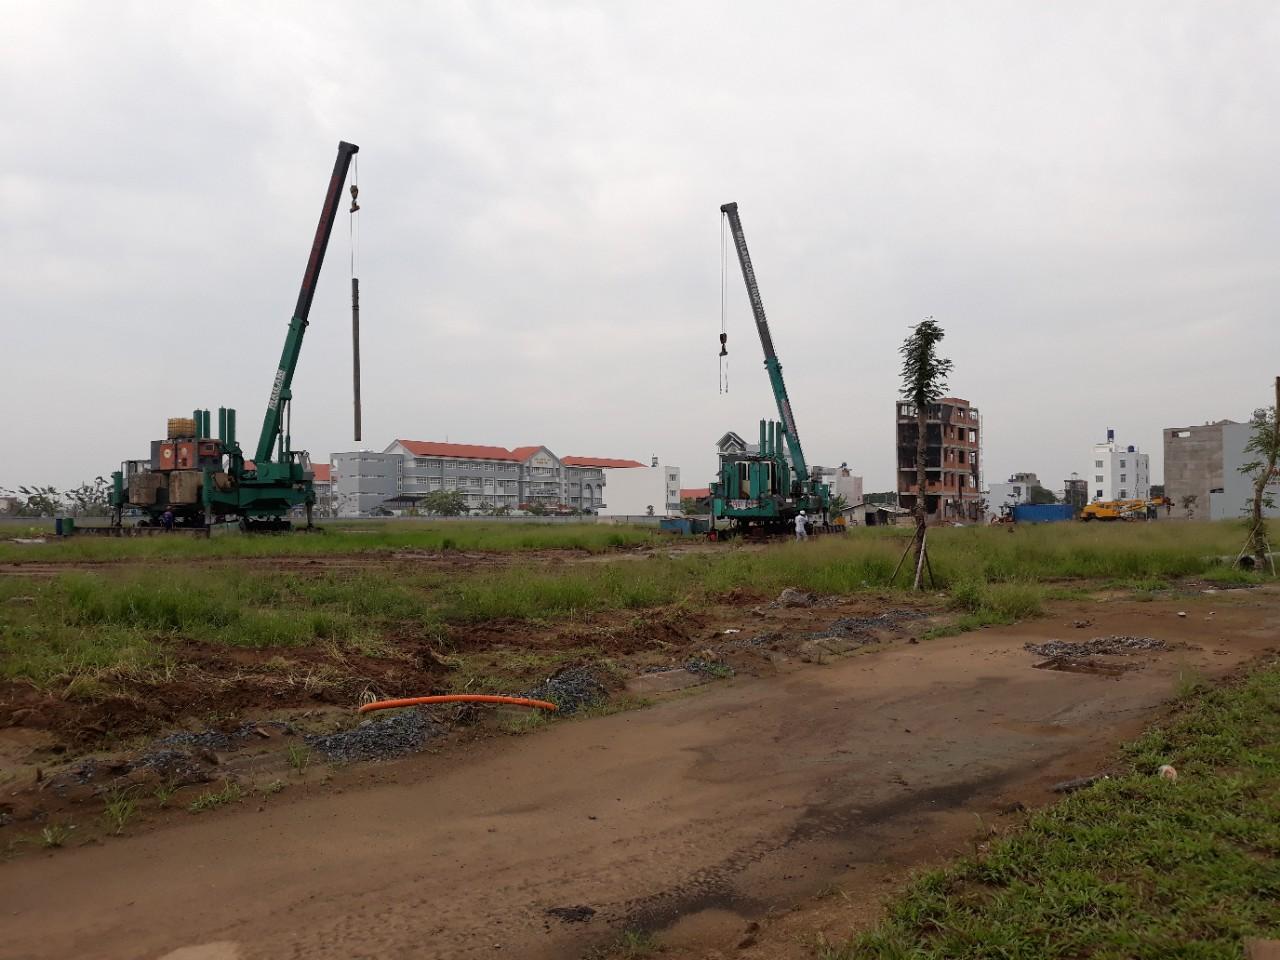 Tiến độ dự án Lovera Park Khu 3 và 4. Đơn vị xây dựng đang tiến hành ép cọc. Ảnh Khang Điền